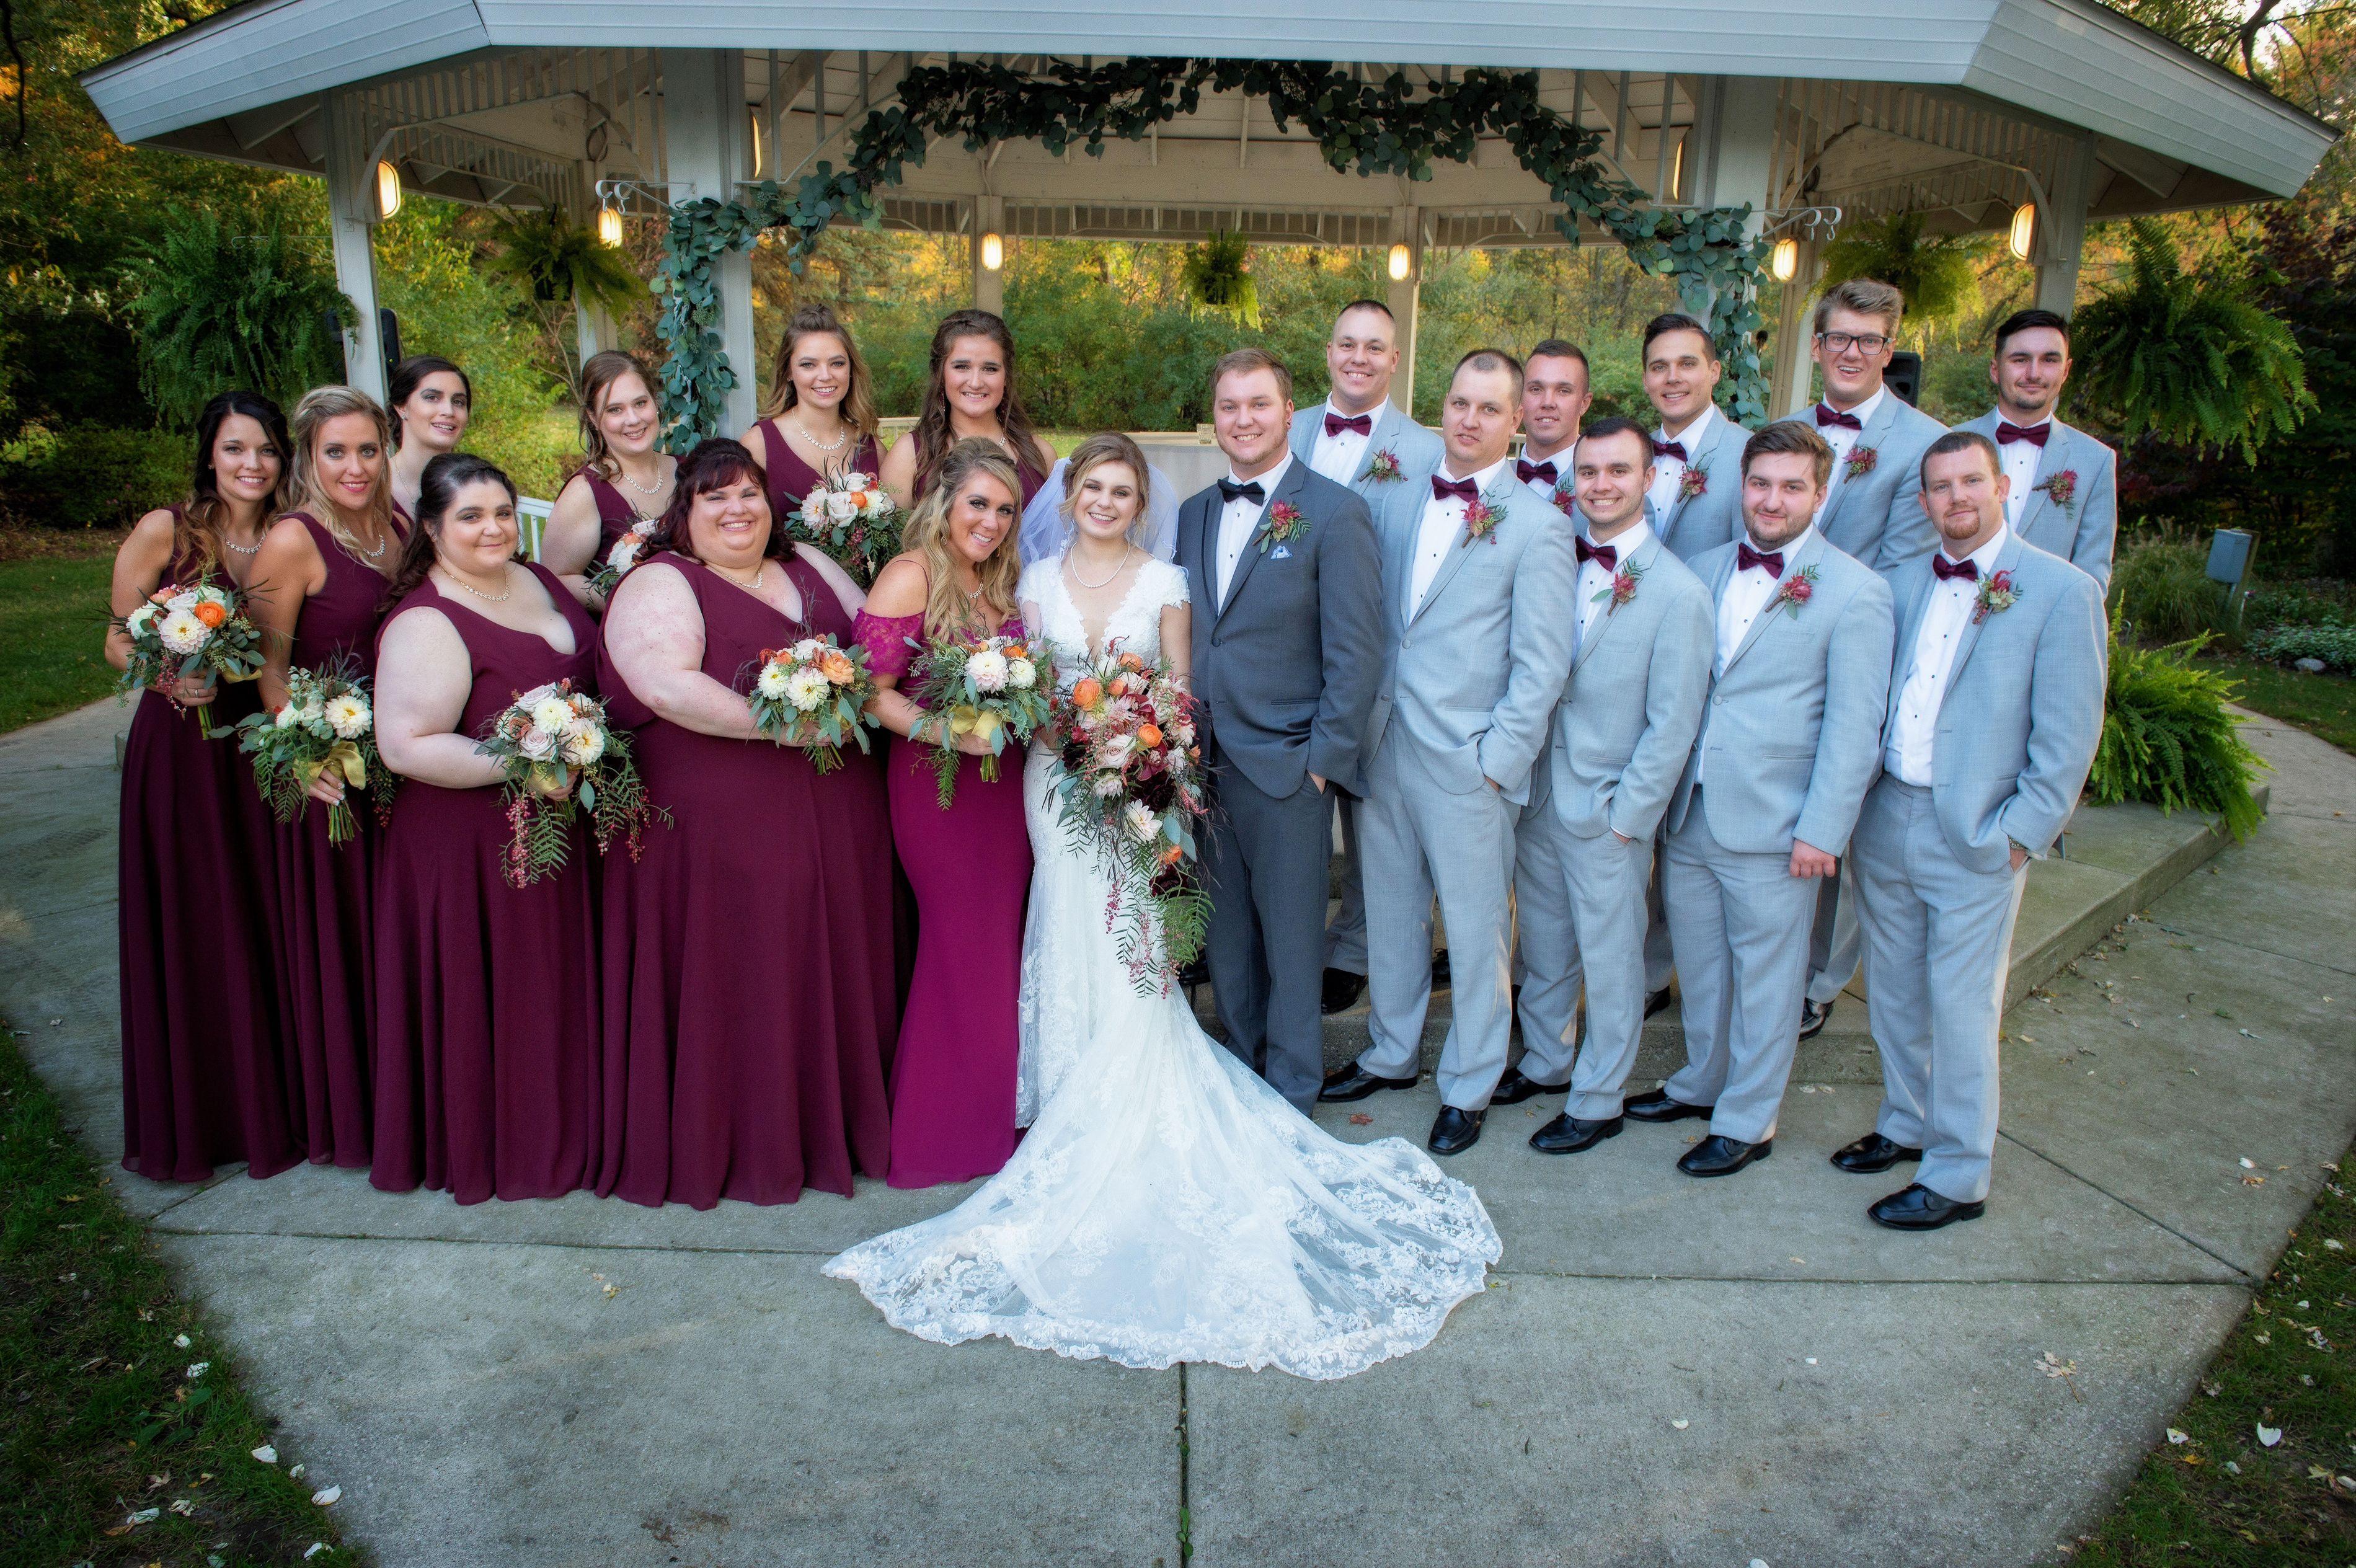 Fall wedding, burgundy and grey, whimsical wedding, faerie wedding ...